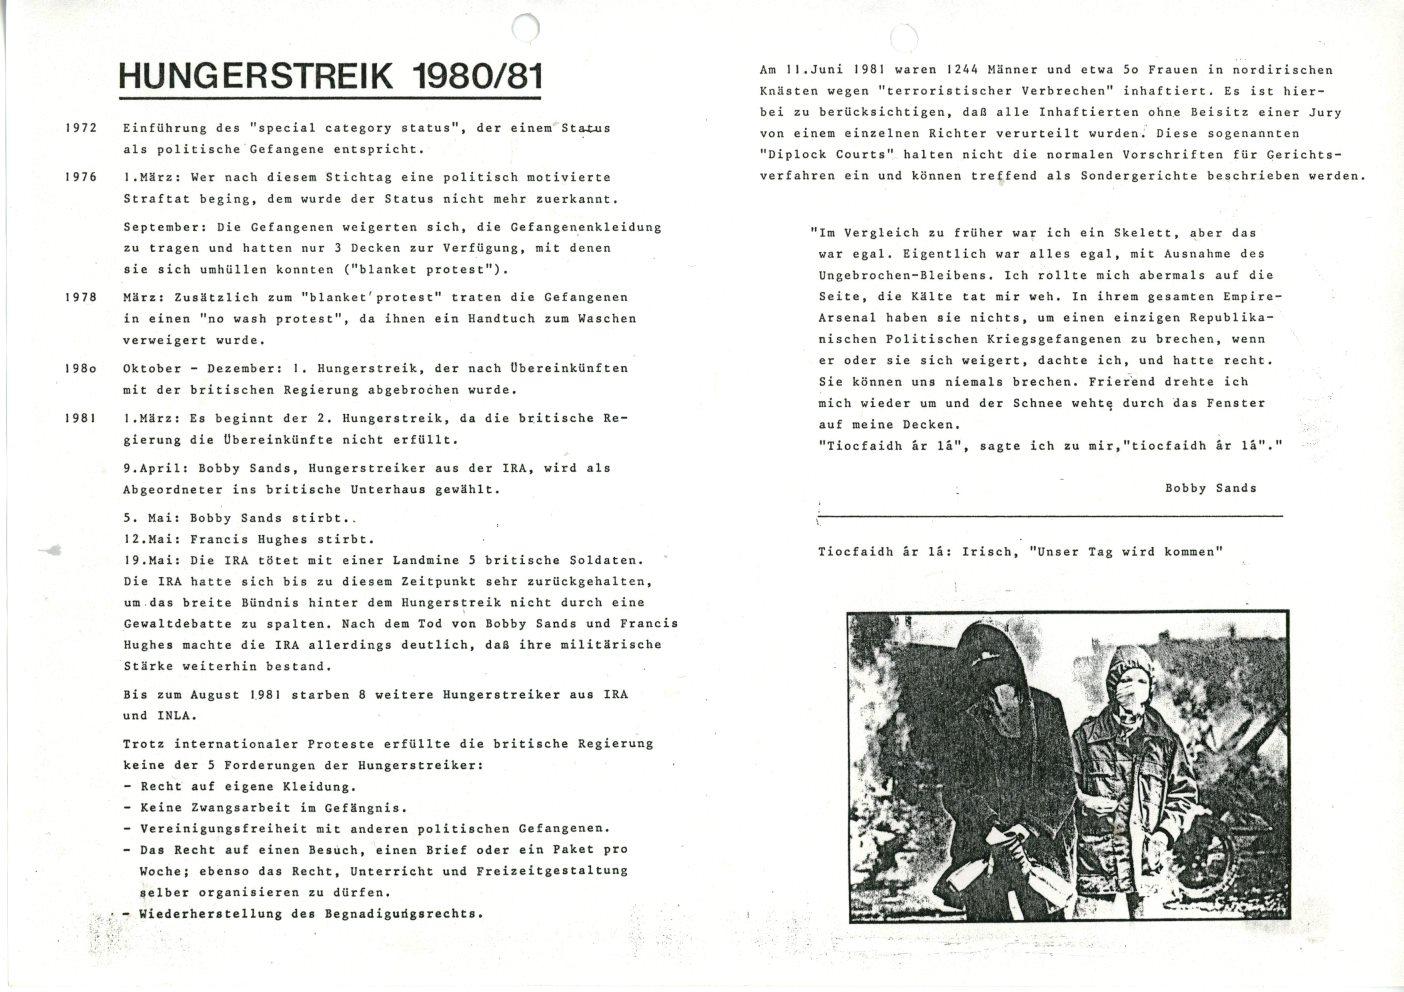 Freiburg_Nordirland_Reader_1988_24